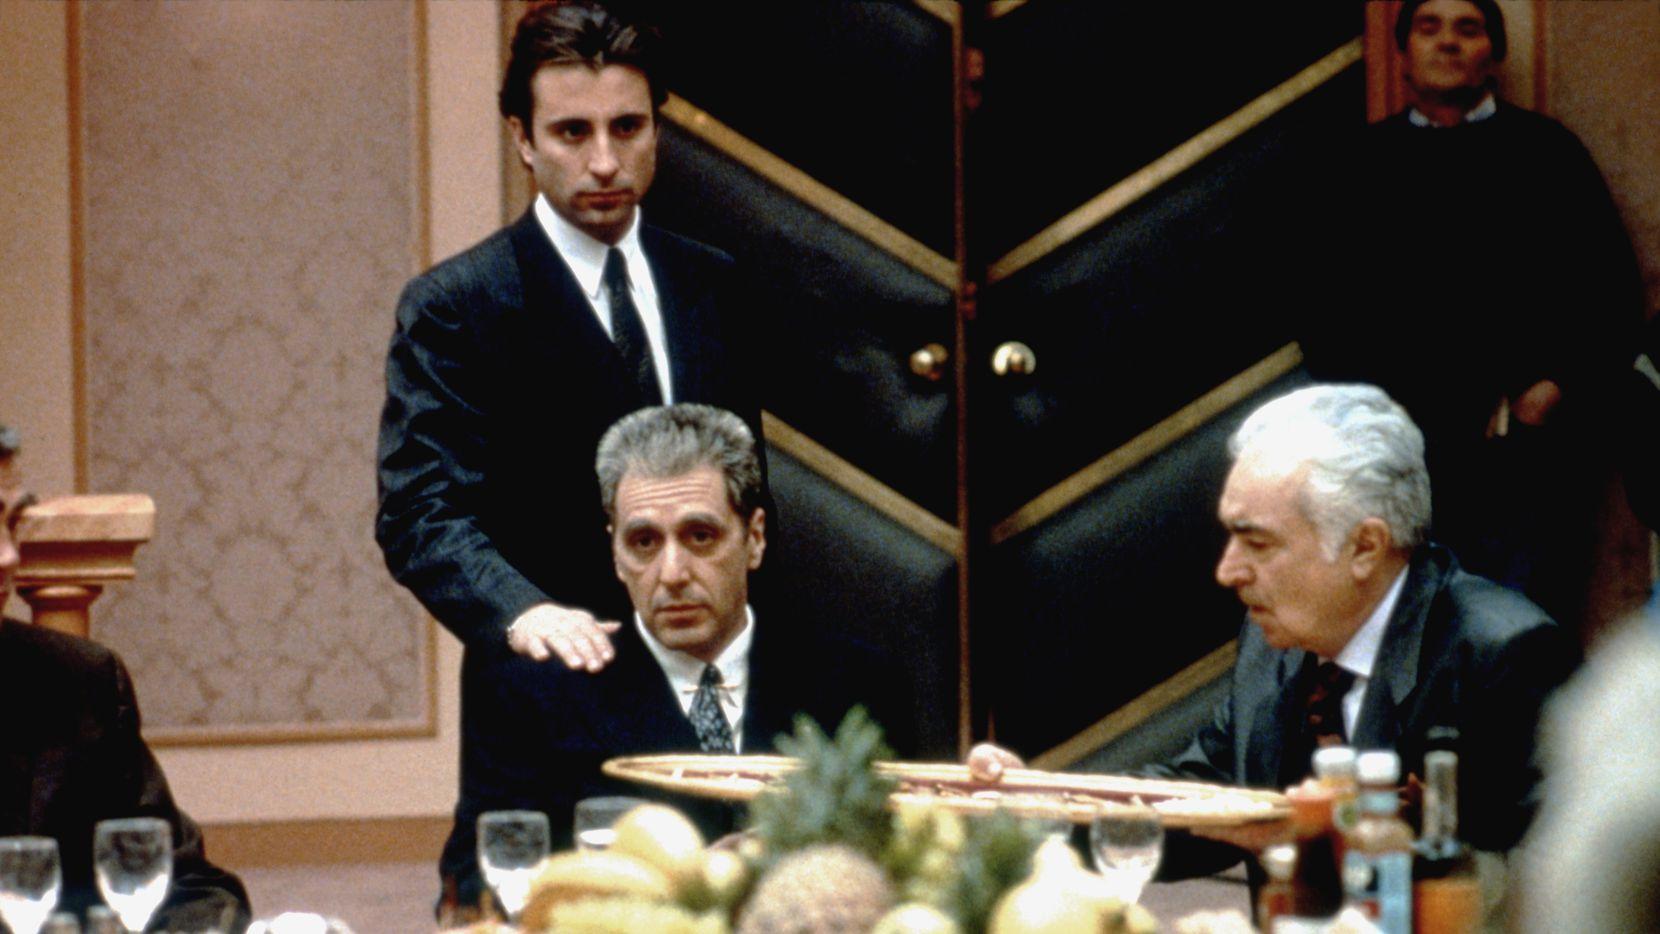 Andy Garcia (de pie) y Al Pacino en el set de la película The Godfather: Part III, escrita y dirigida por Francis Ford Coppola. La nueva versión del filme llevará por título 'Mario Puzo's The Godfather, Coda: The Death of Michael Corleone'.